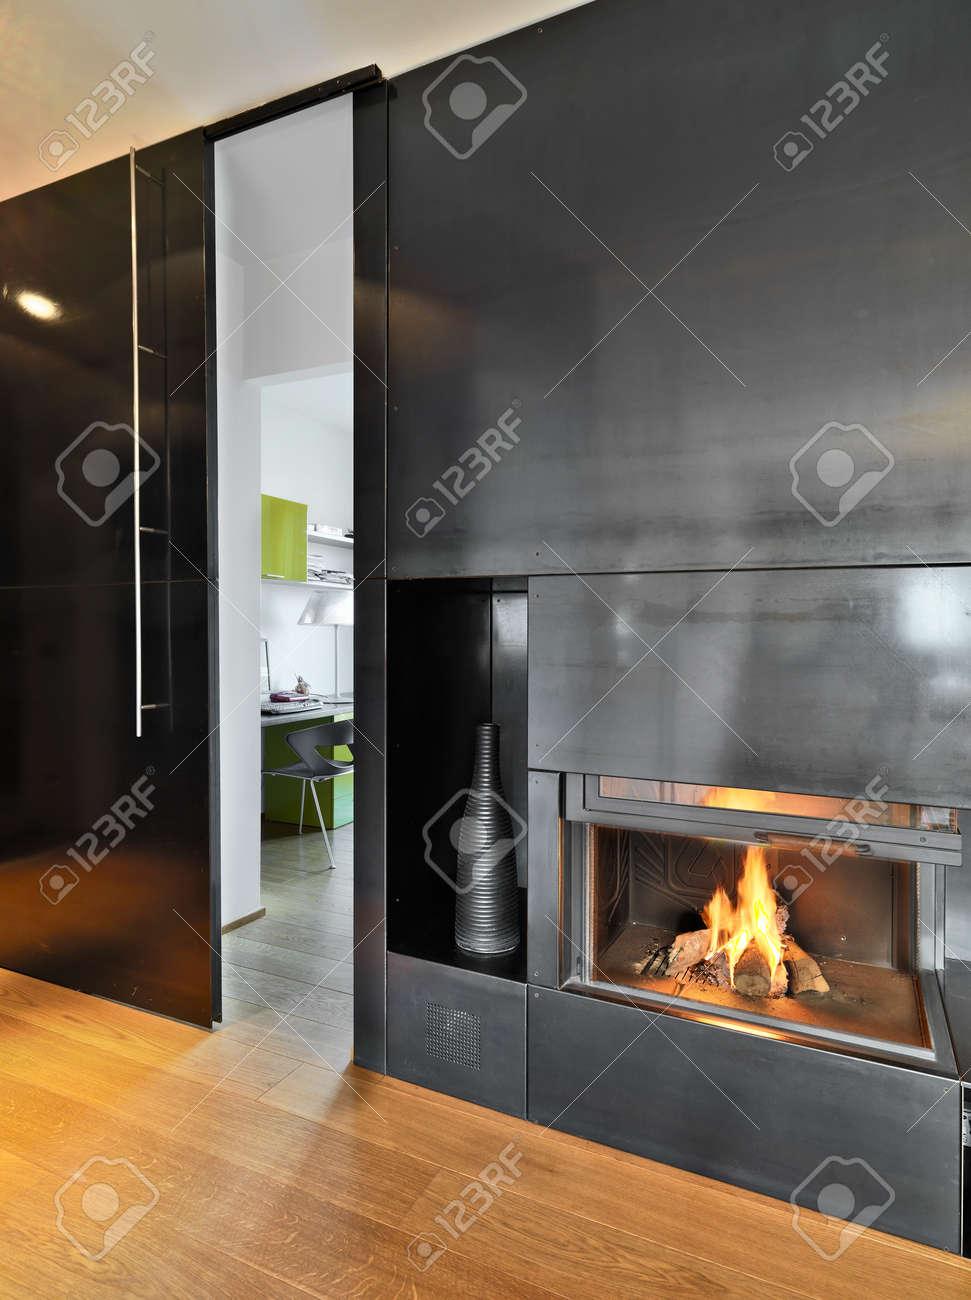 Gut gemocht Detail Der Kamin Im Hte Modernes Wohnzimmer Mit Kamin Wand Mit ZF28